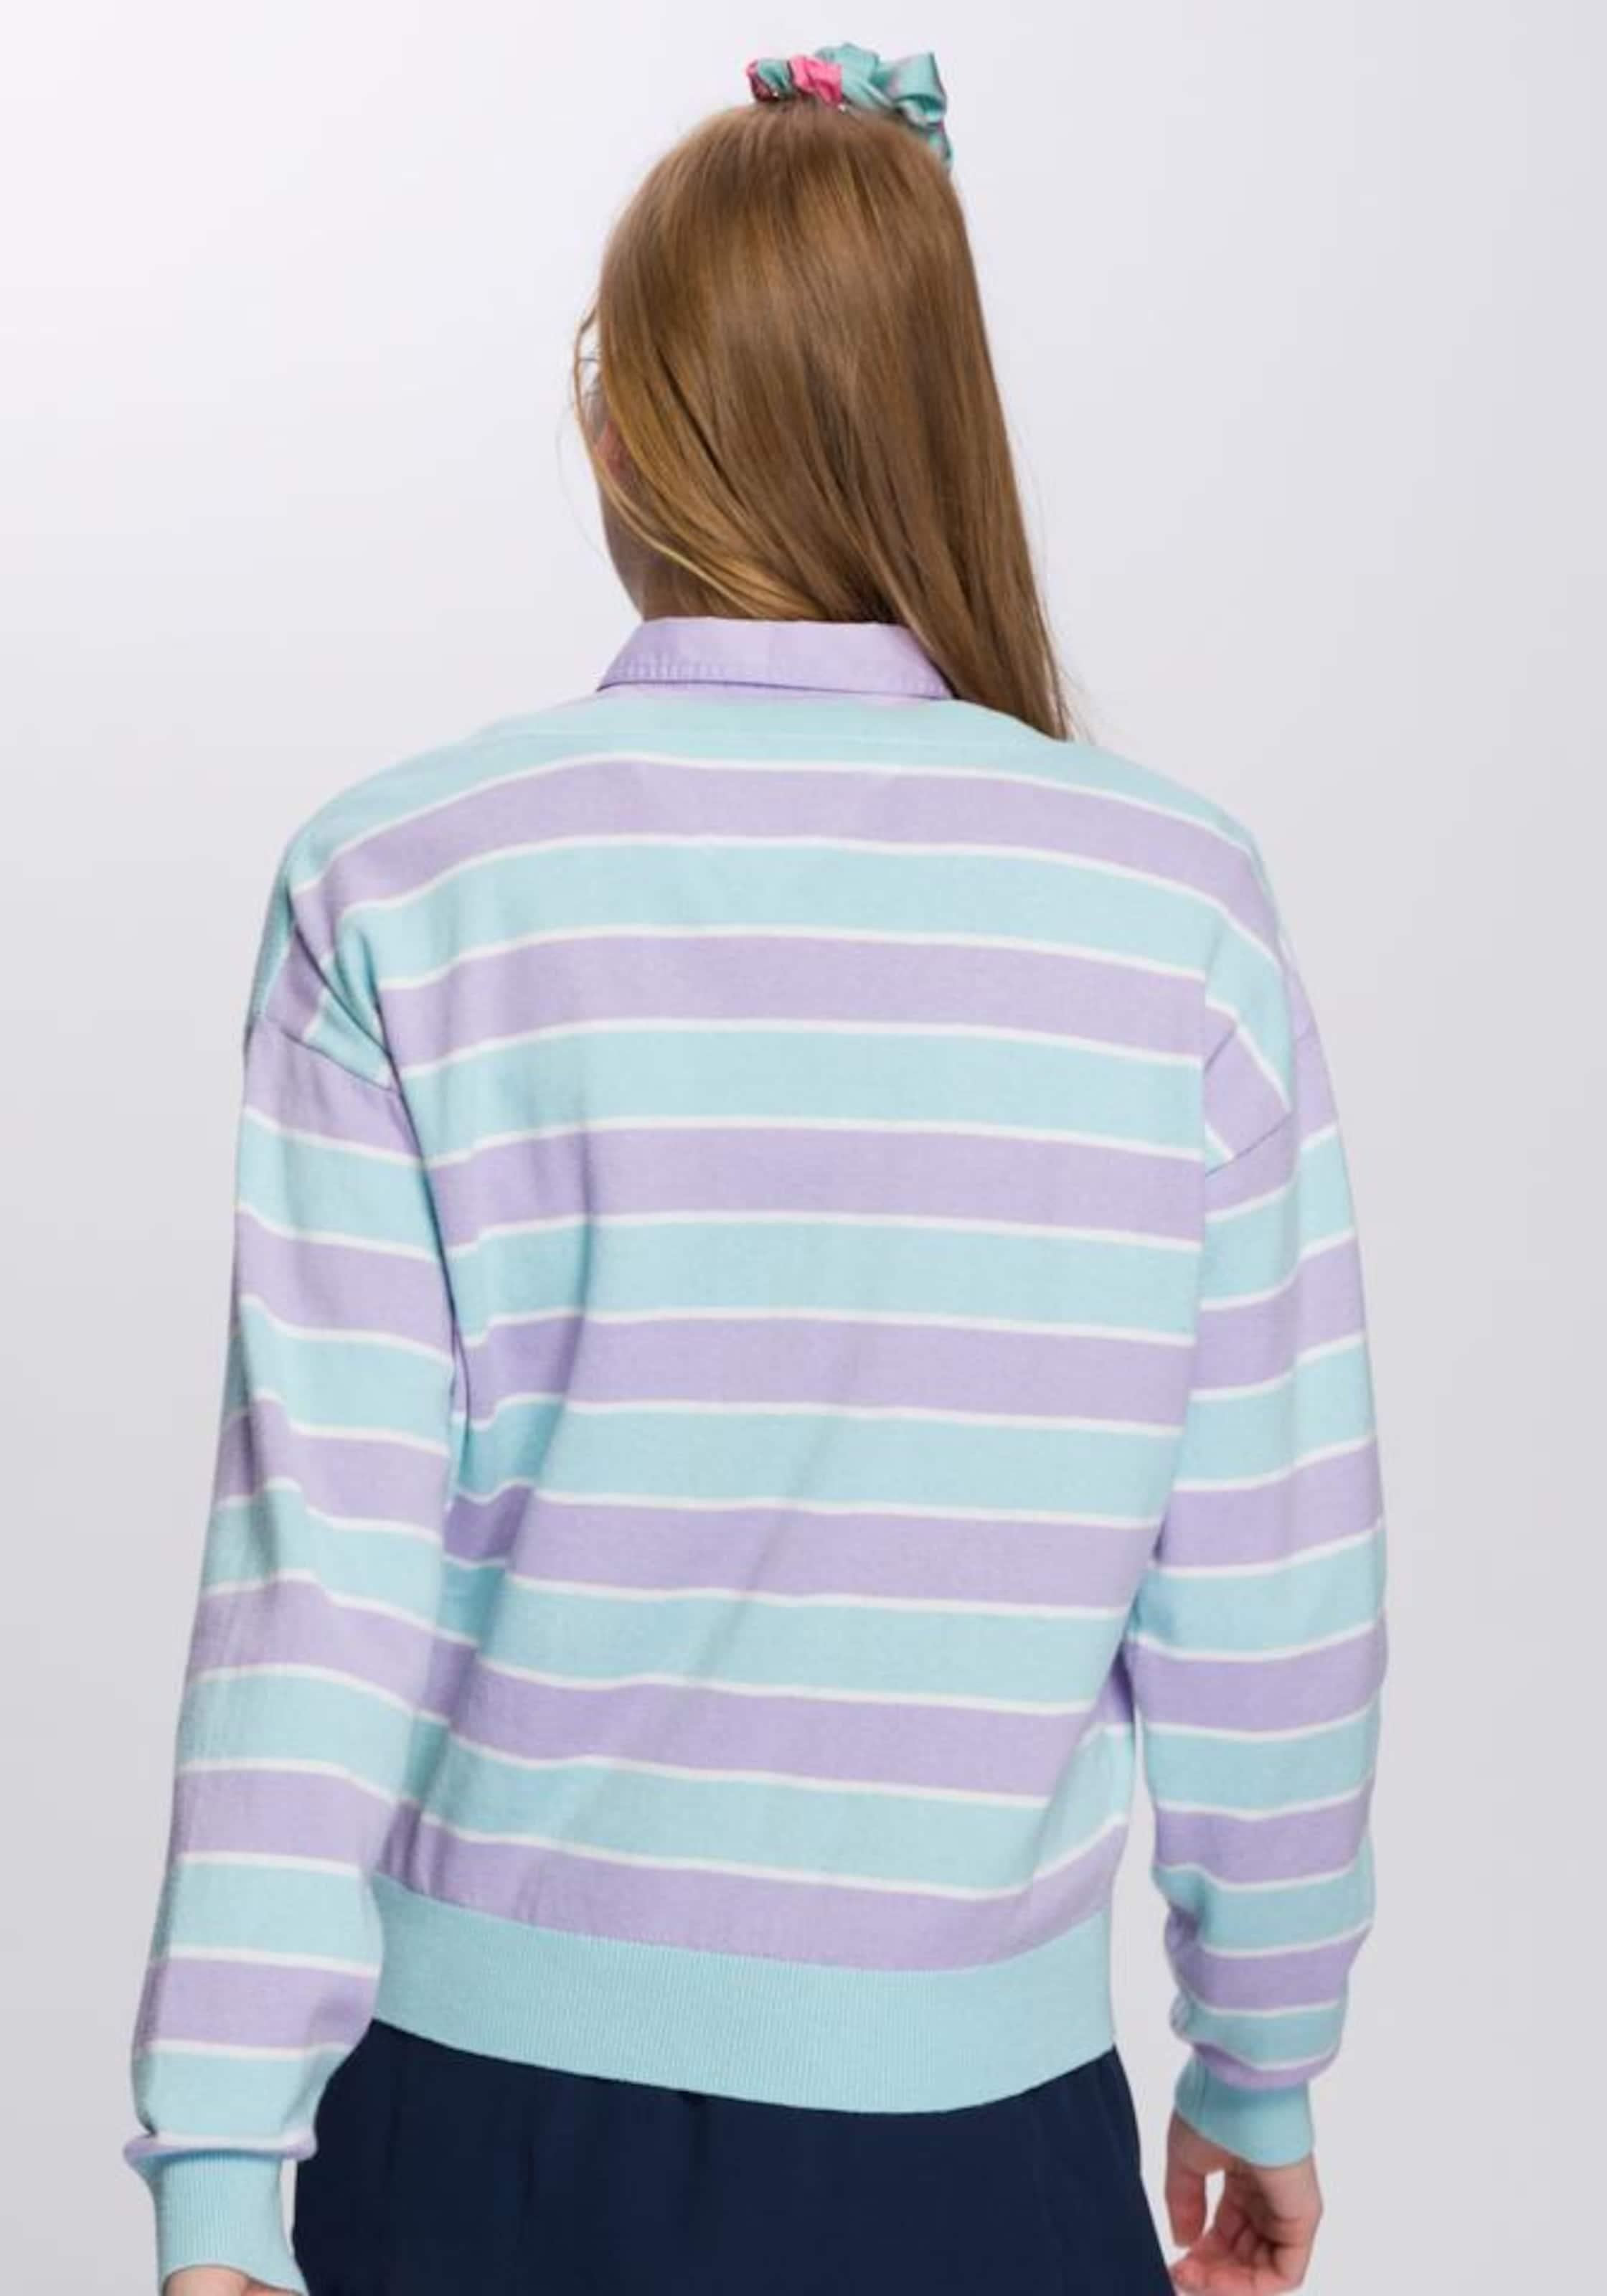 Rundhalspullover In Jeans In AquaHelllila Rundhalspullover Tommy AquaHelllila Tommy Tommy Jeans E2WDH9I